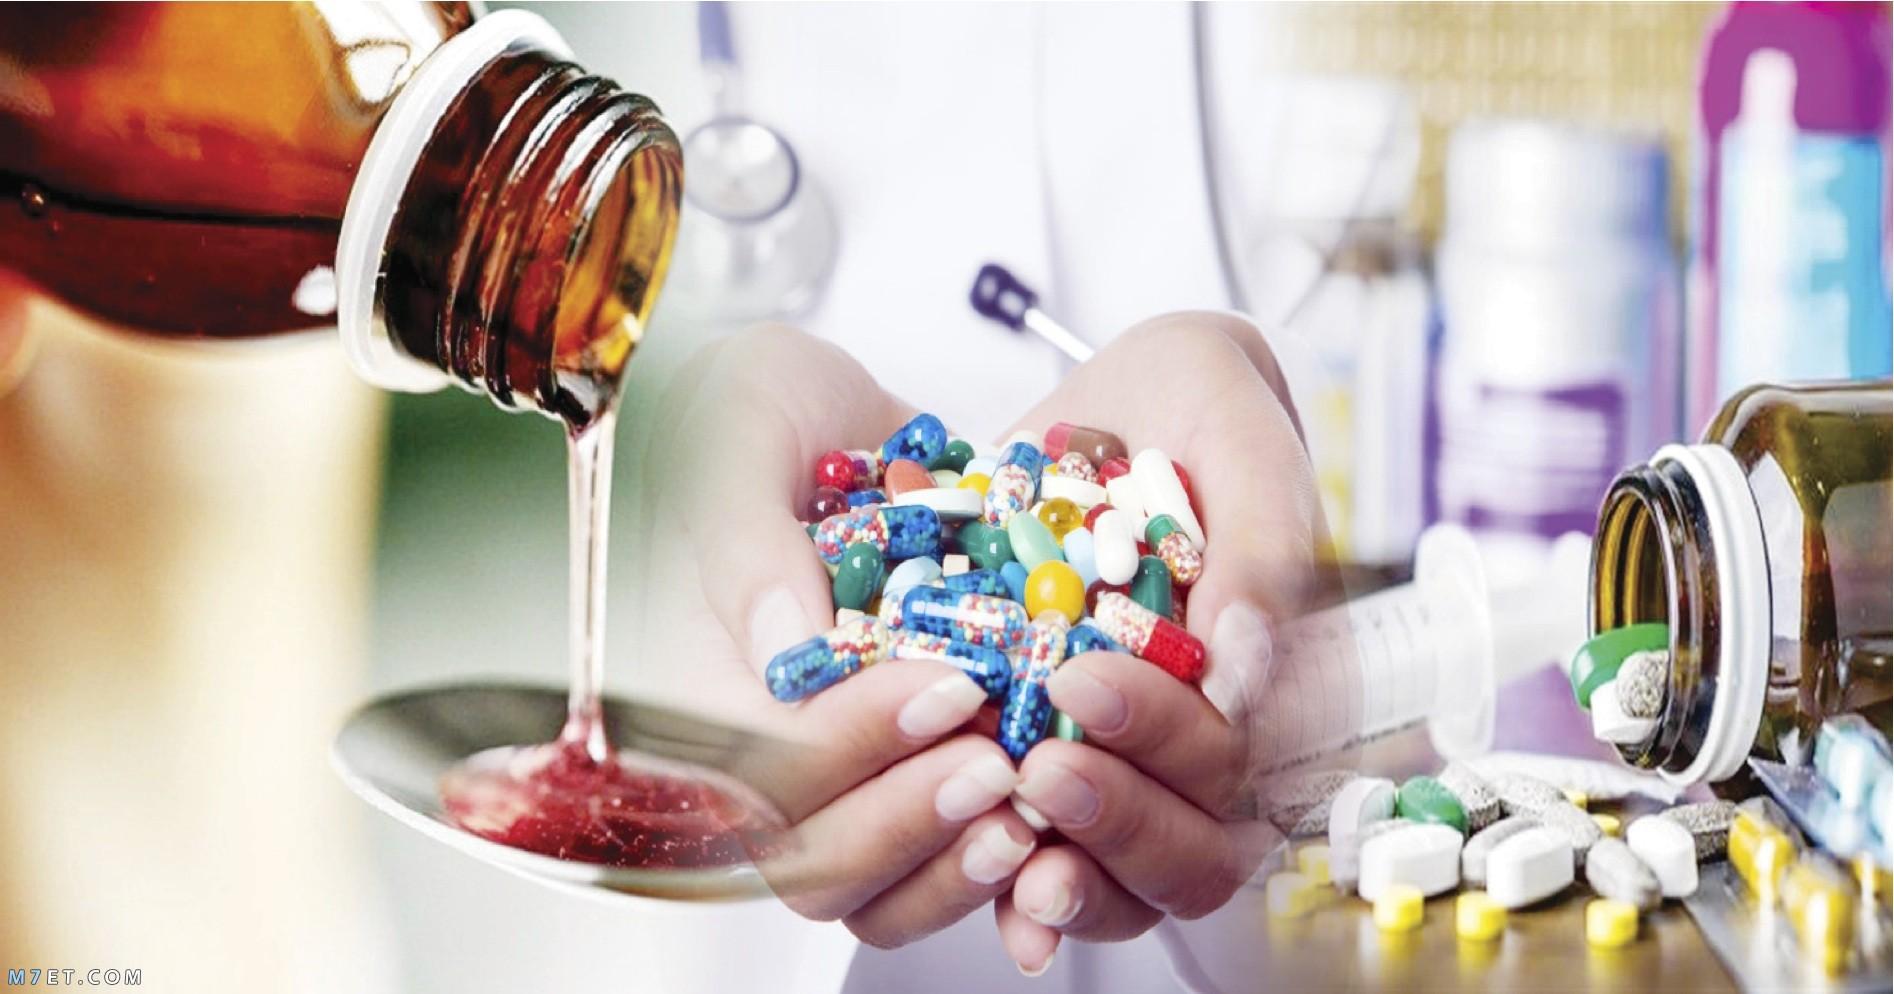 دواء اميولانت